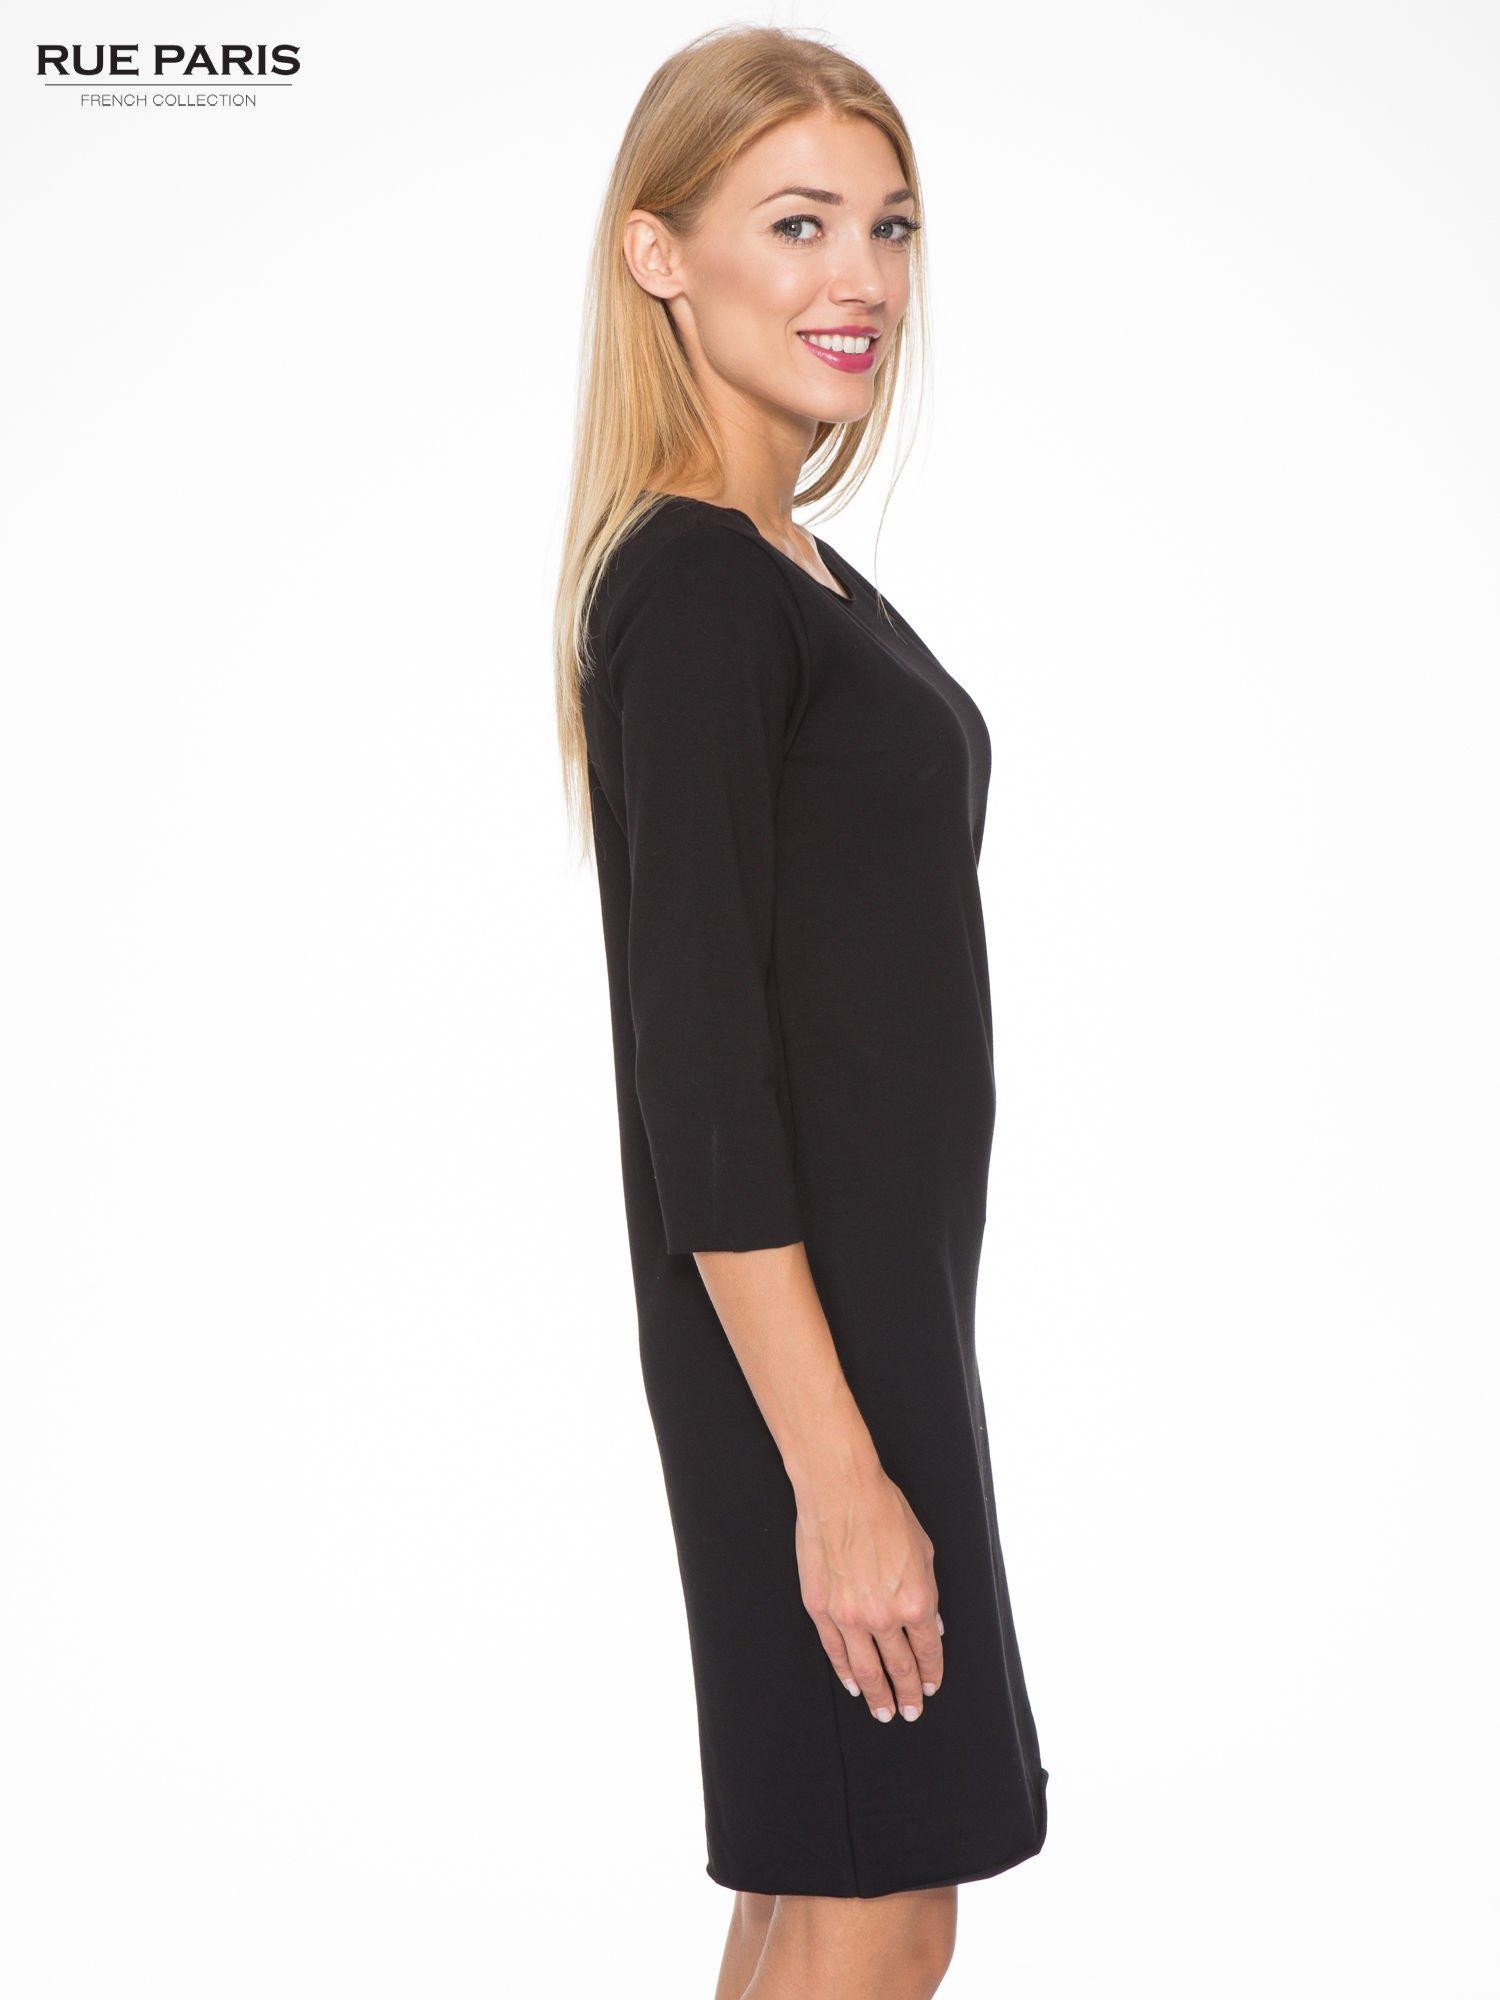 Czarna prosta sukienka z surowym wykończeniem i kieszeniami                                  zdj.                                  3